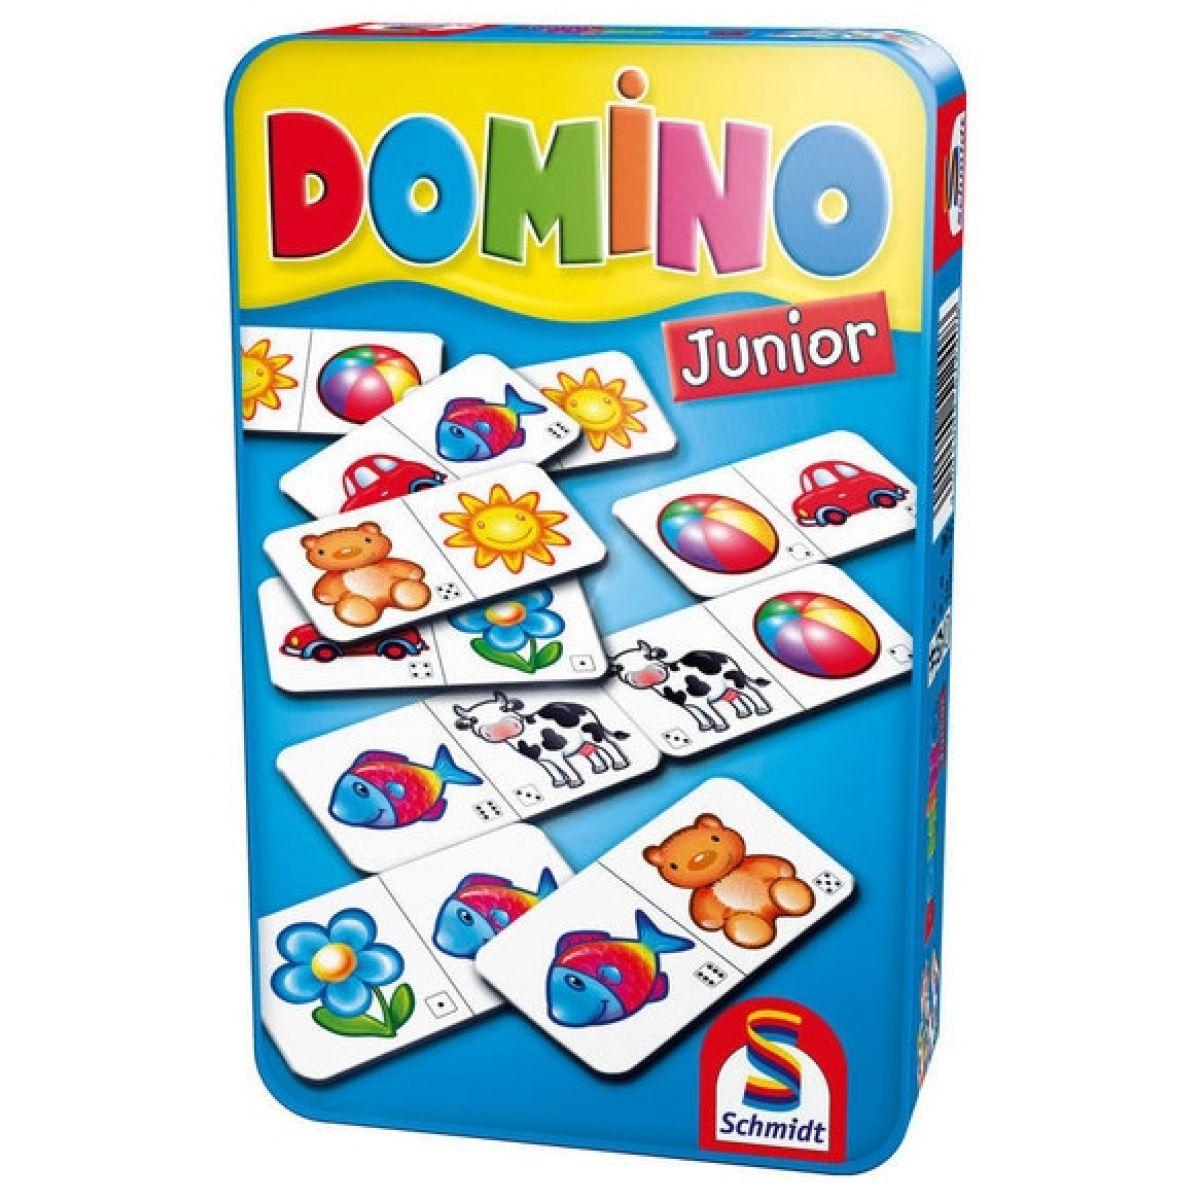 Schmidt Domino Junior